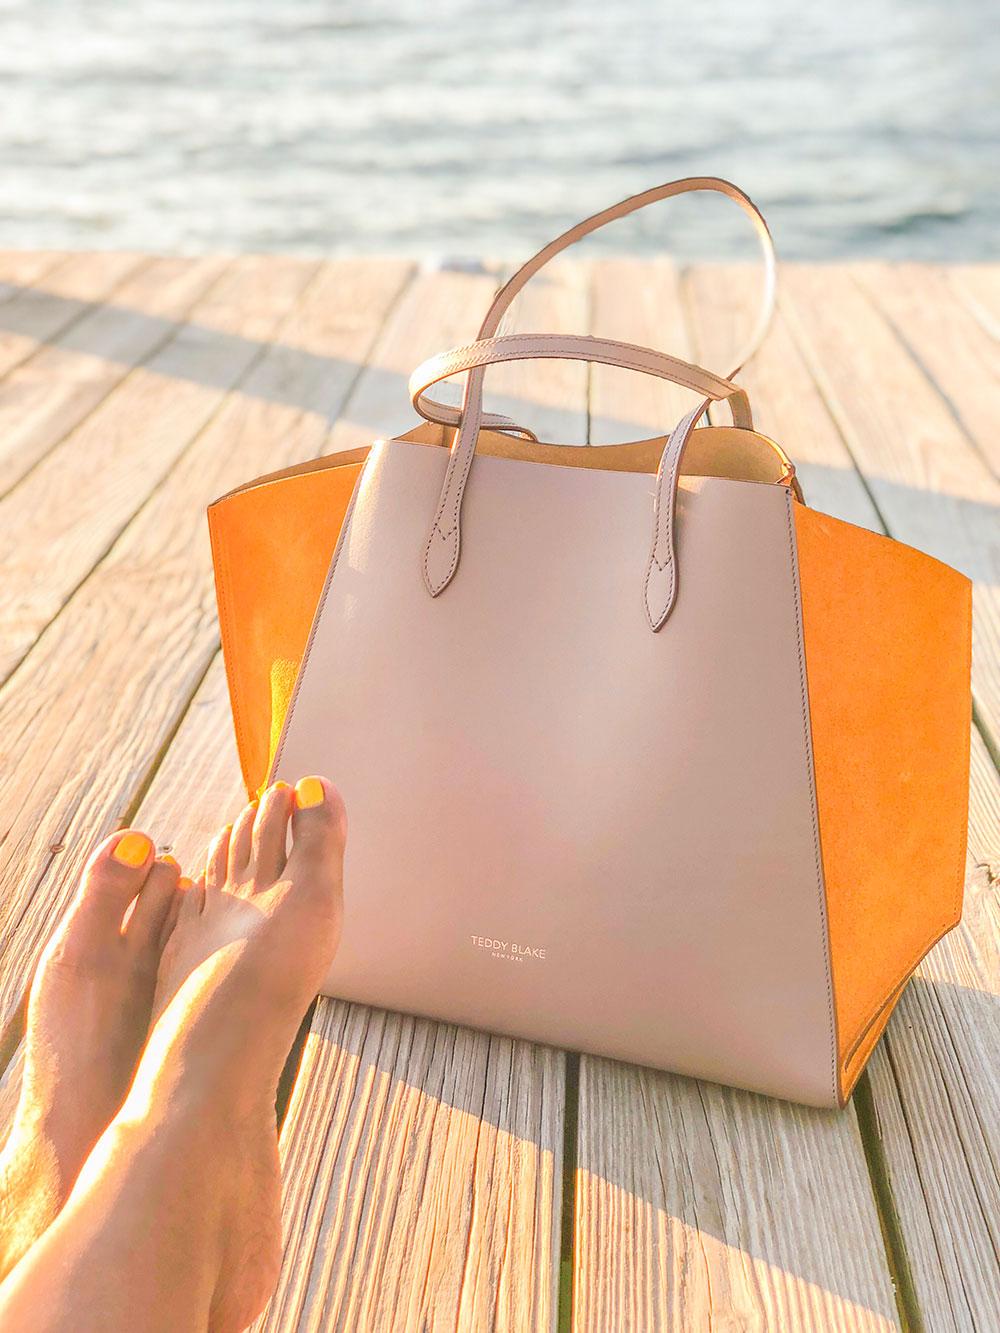 Teddy Blake Gemma bag